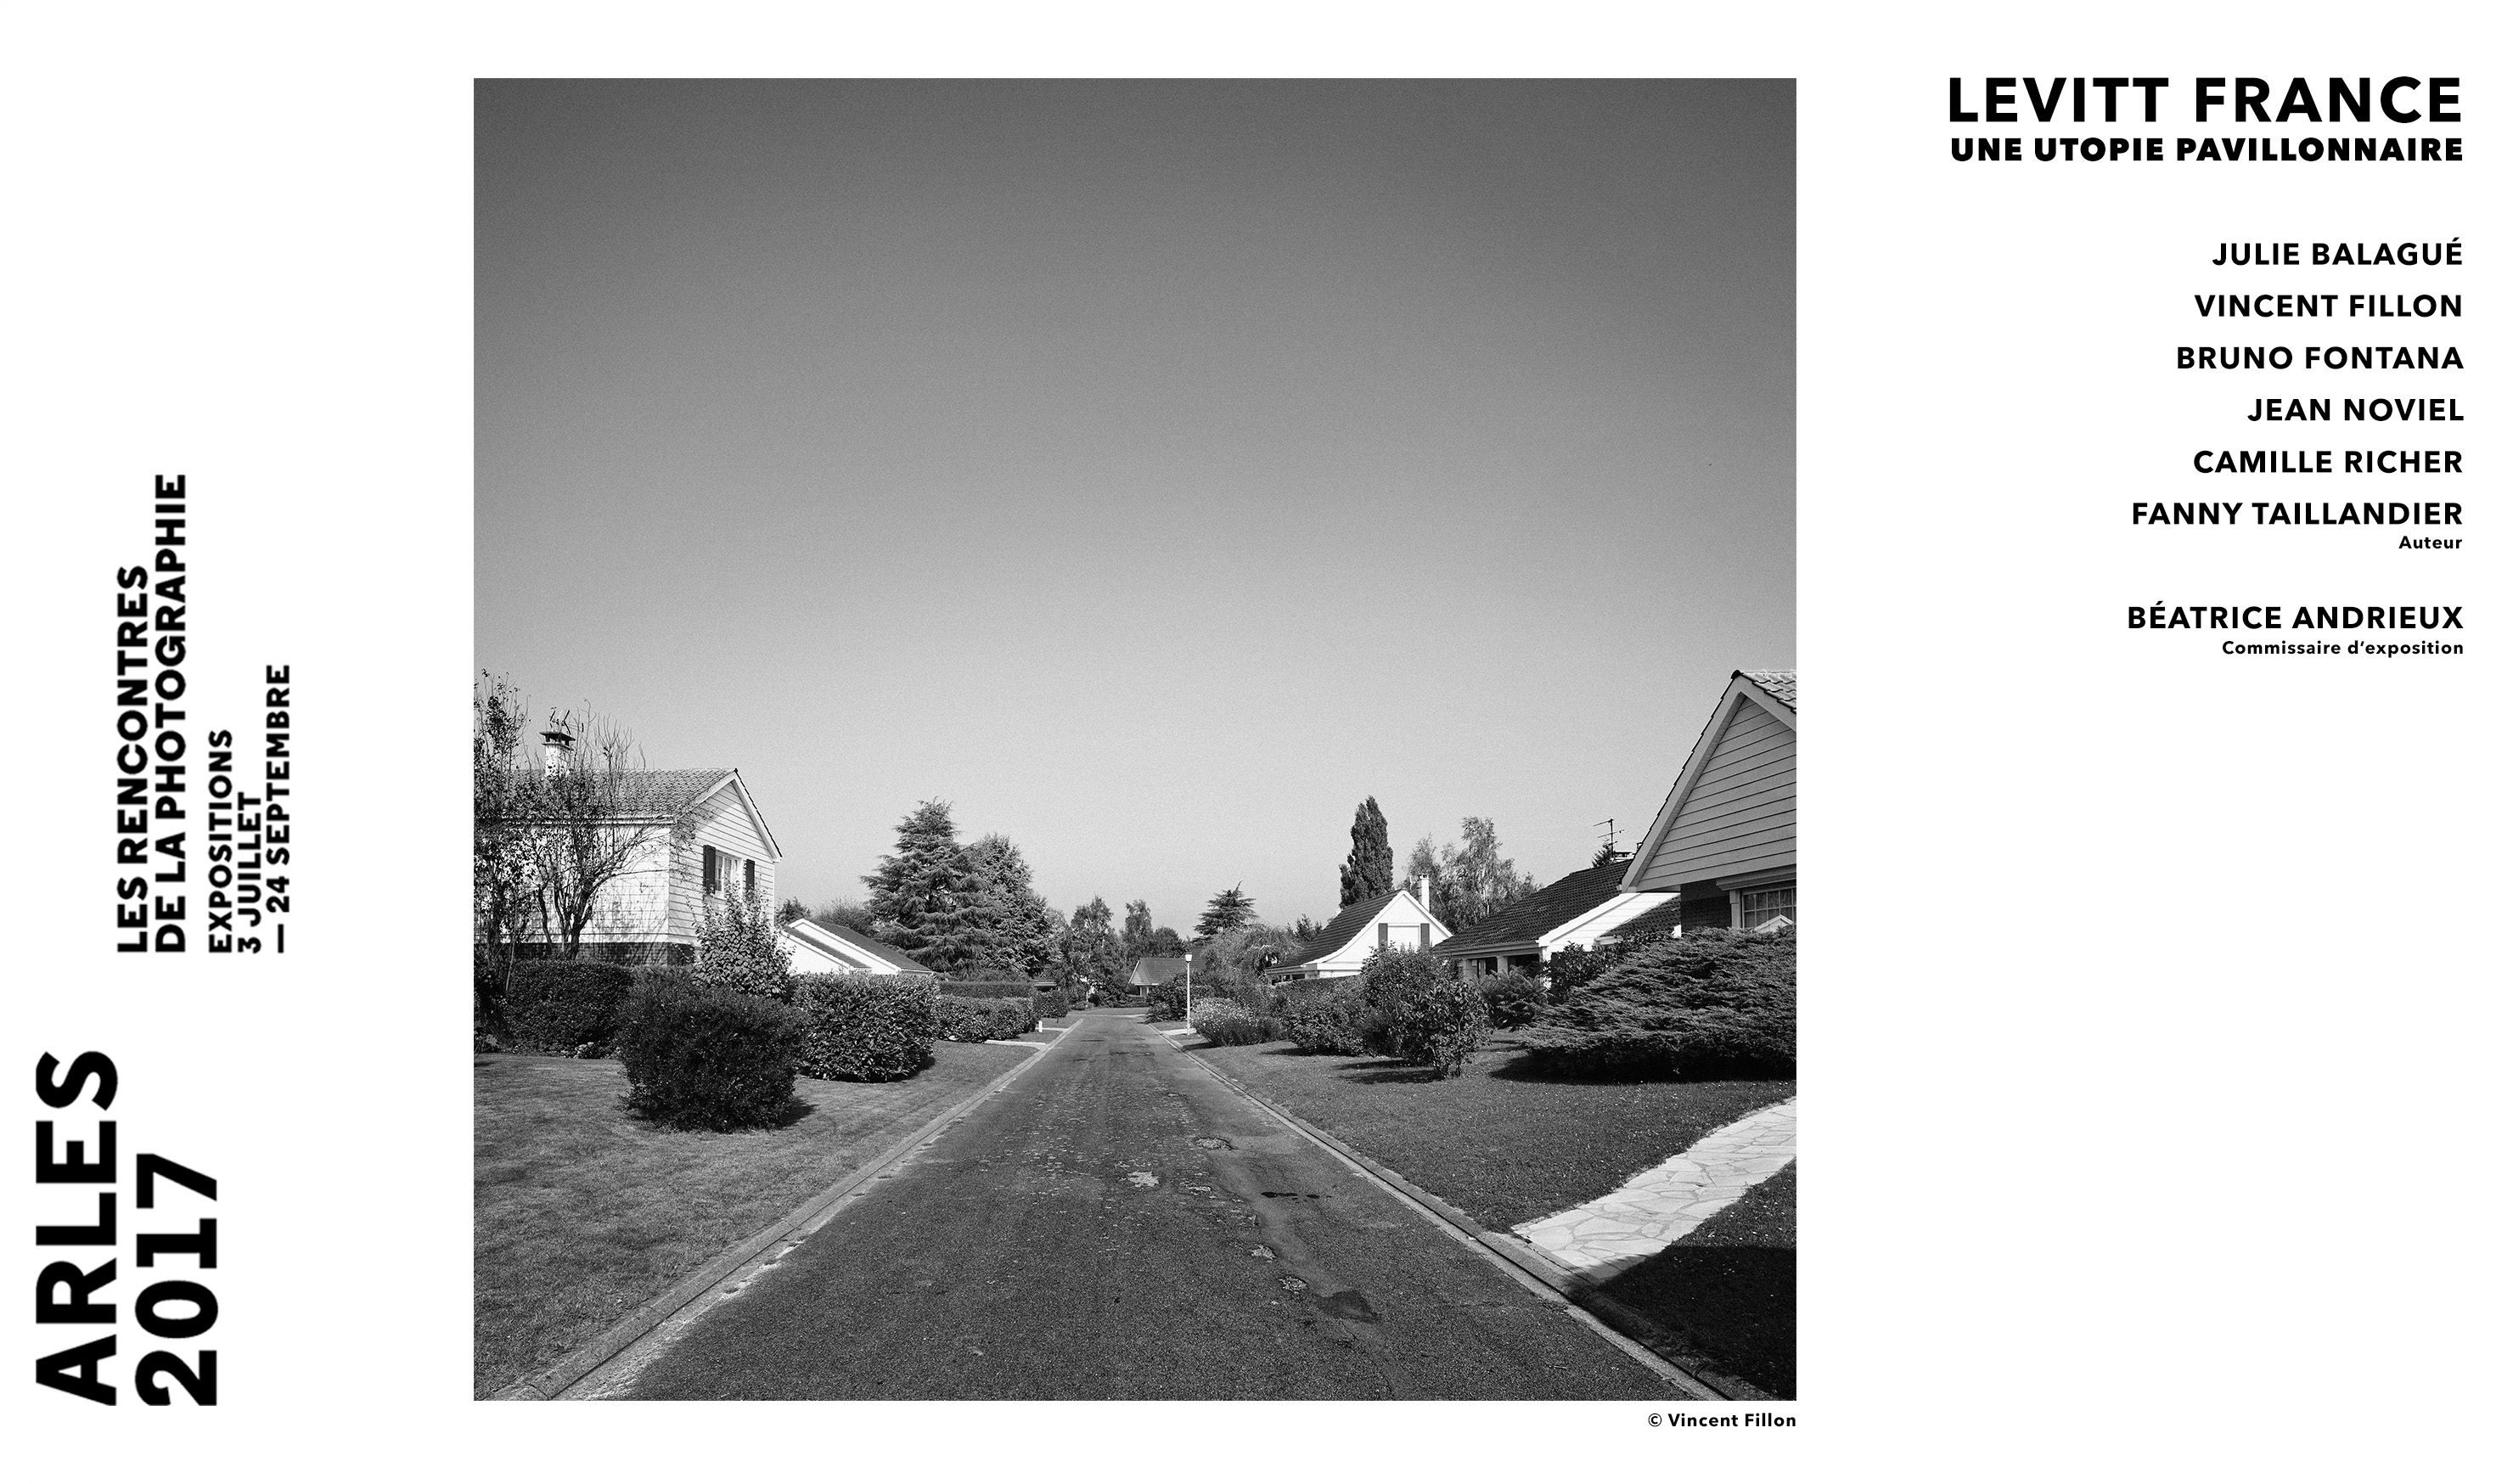 Rencontres de la photographies 2017, Levitt France, une utopie pavillonnaire.